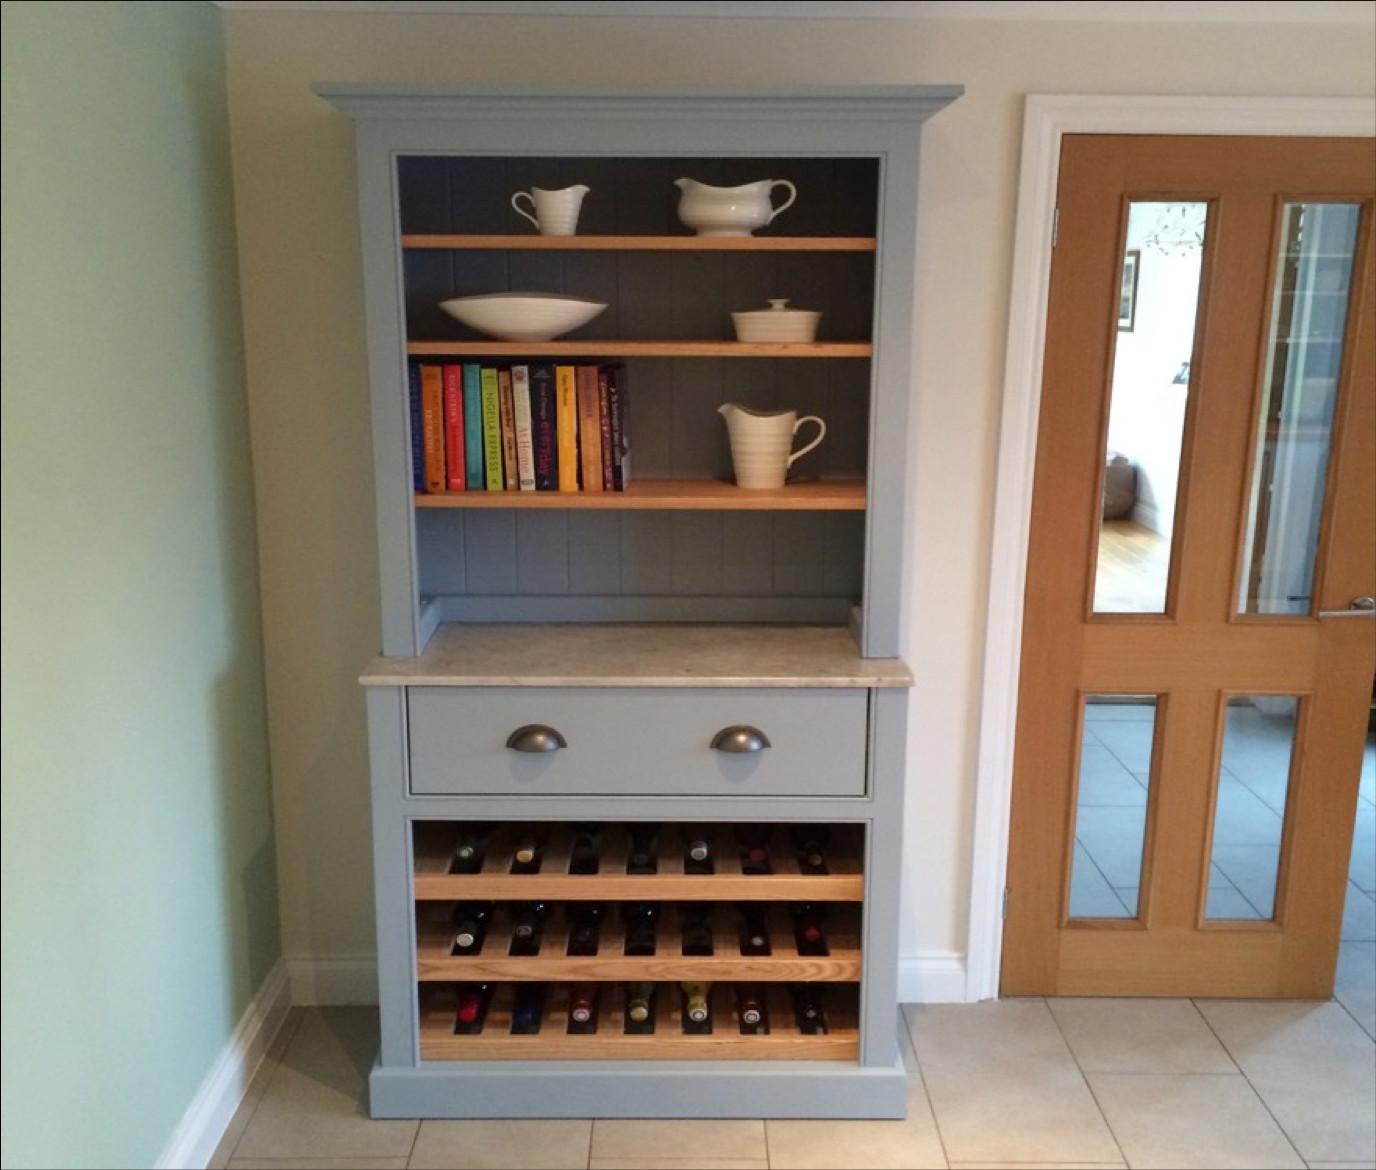 Bespoke Kitchen Furniture: Becker & Hobbs Bespoke Kitchens, Dorchester, Dorset